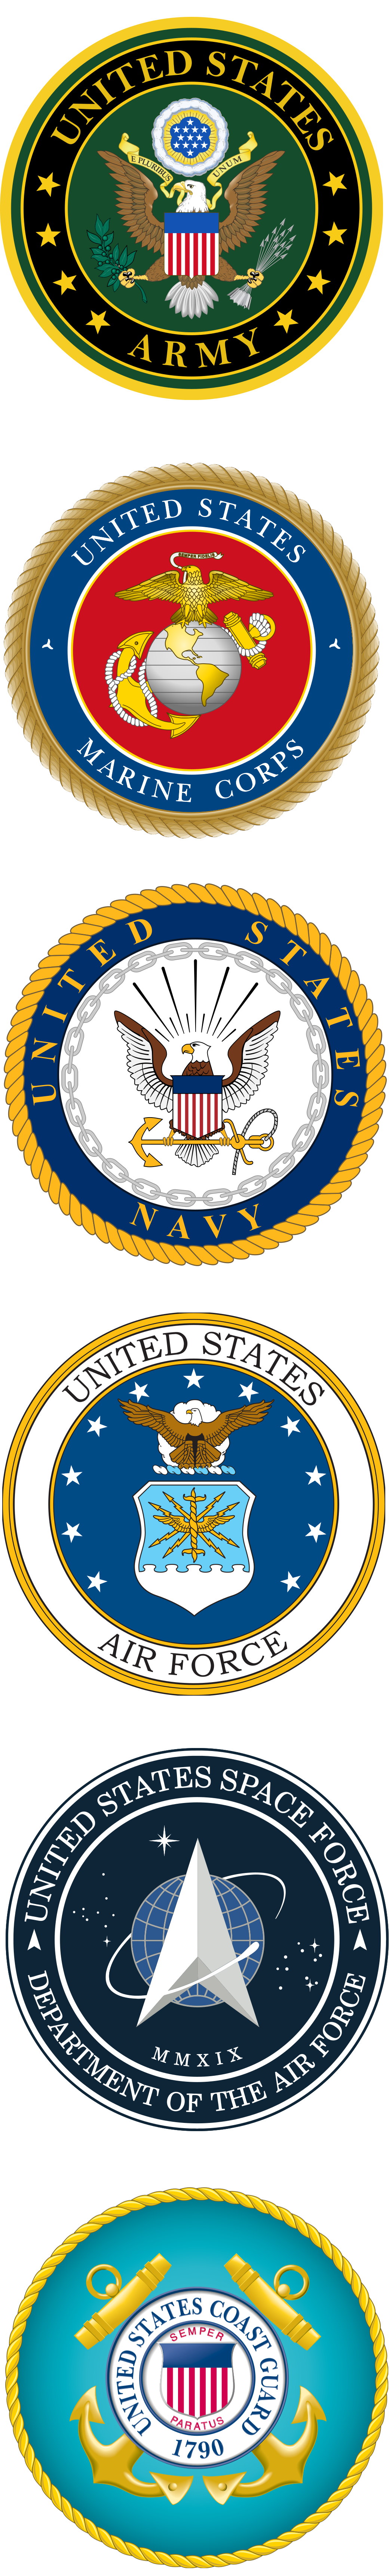 Armed Forces emblem